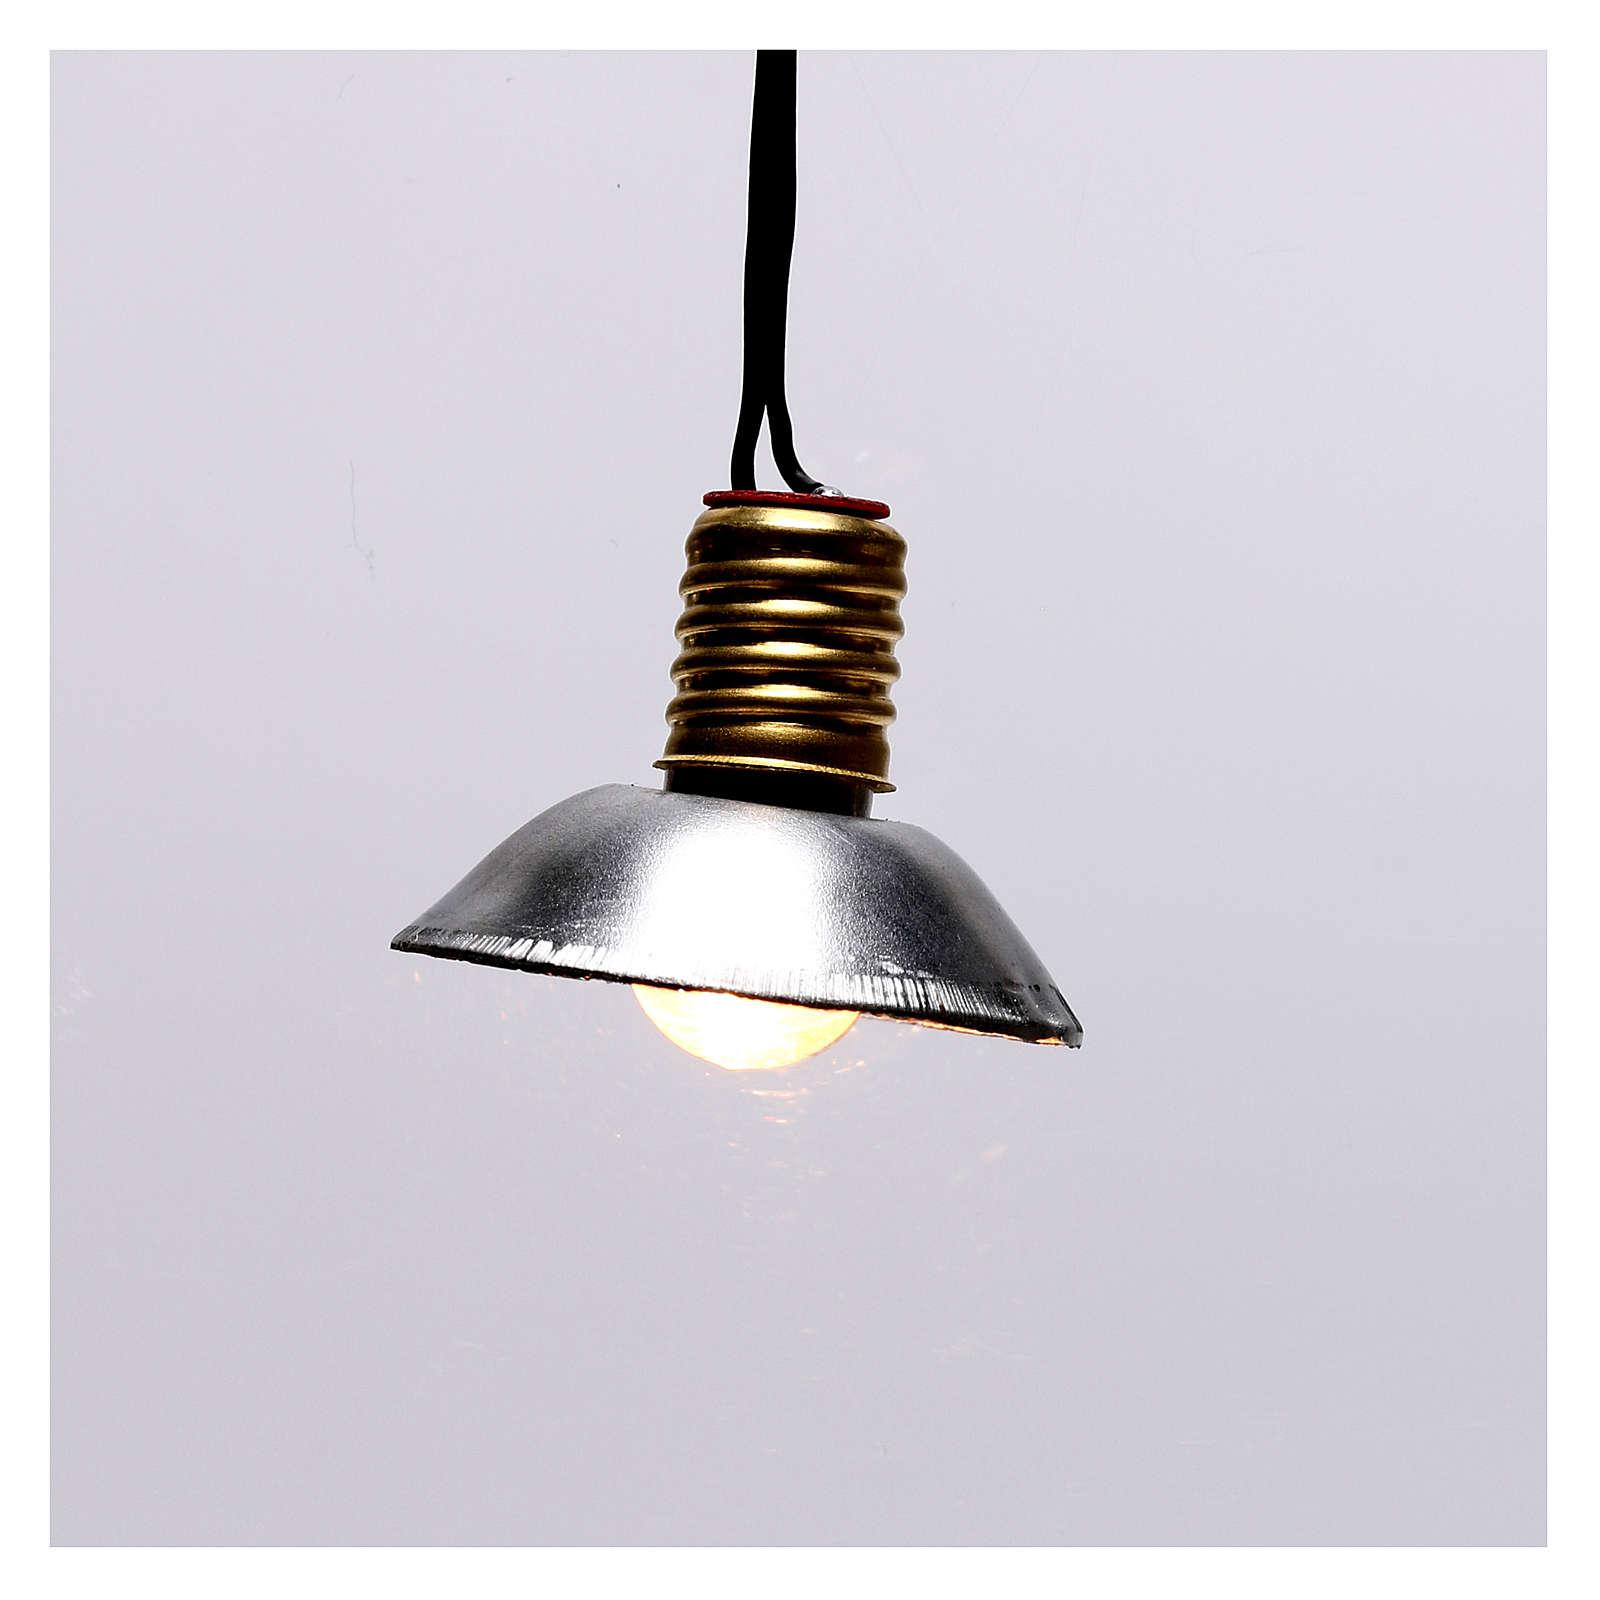 Lampione con paralume in metallo 3,5V 3 cm presepe bassa tensione 4